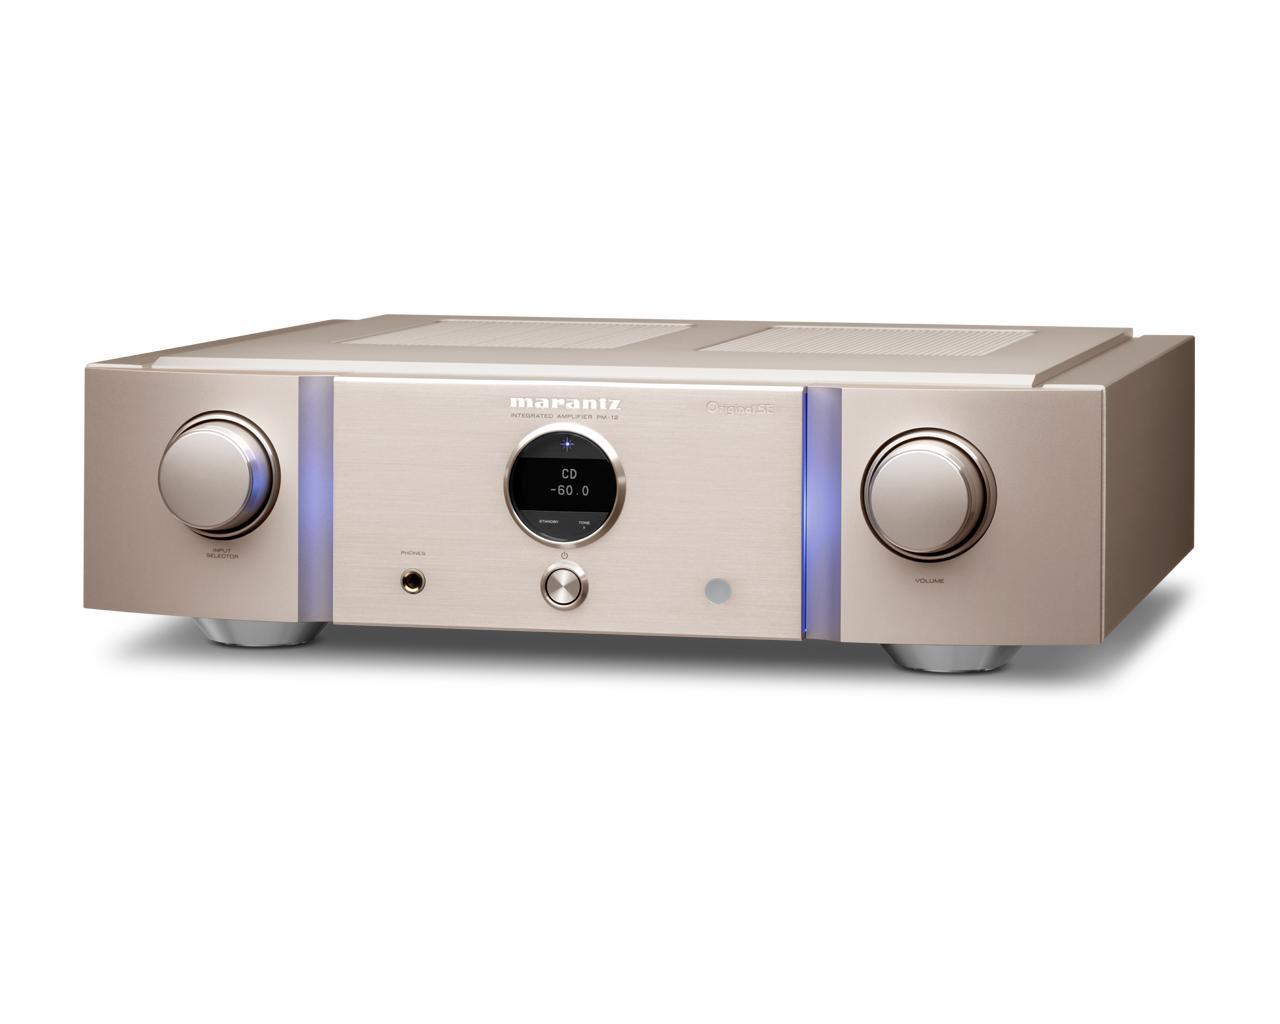 画像: SA-12 OSE | スーパーオーディオCD/CDプレーヤー | マランツ公式 SA-12 OSE